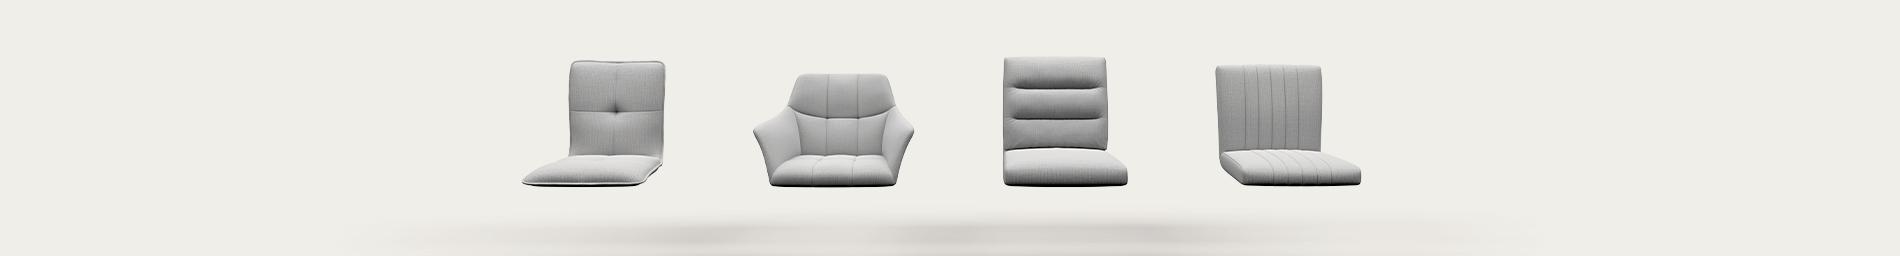 verschiedene Sitzschalen